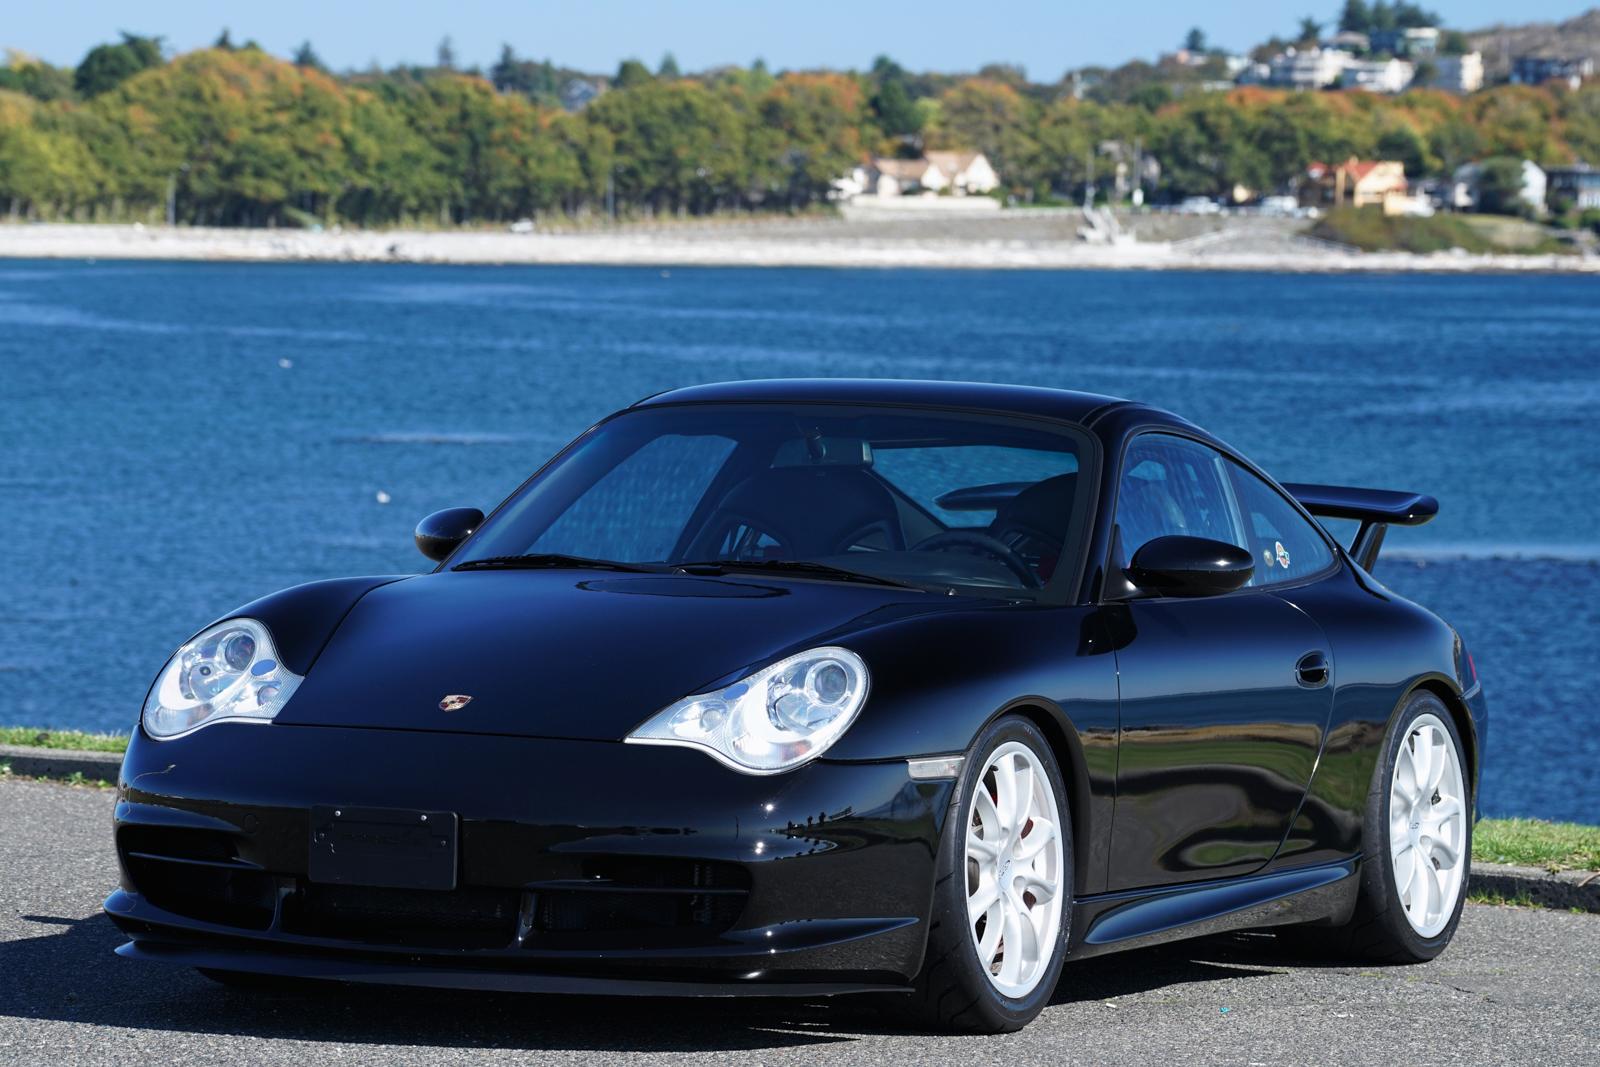 2004 Porsche 996 Cup For Sale: 2004 Porsche 911 GT3 (996.2) For Sale